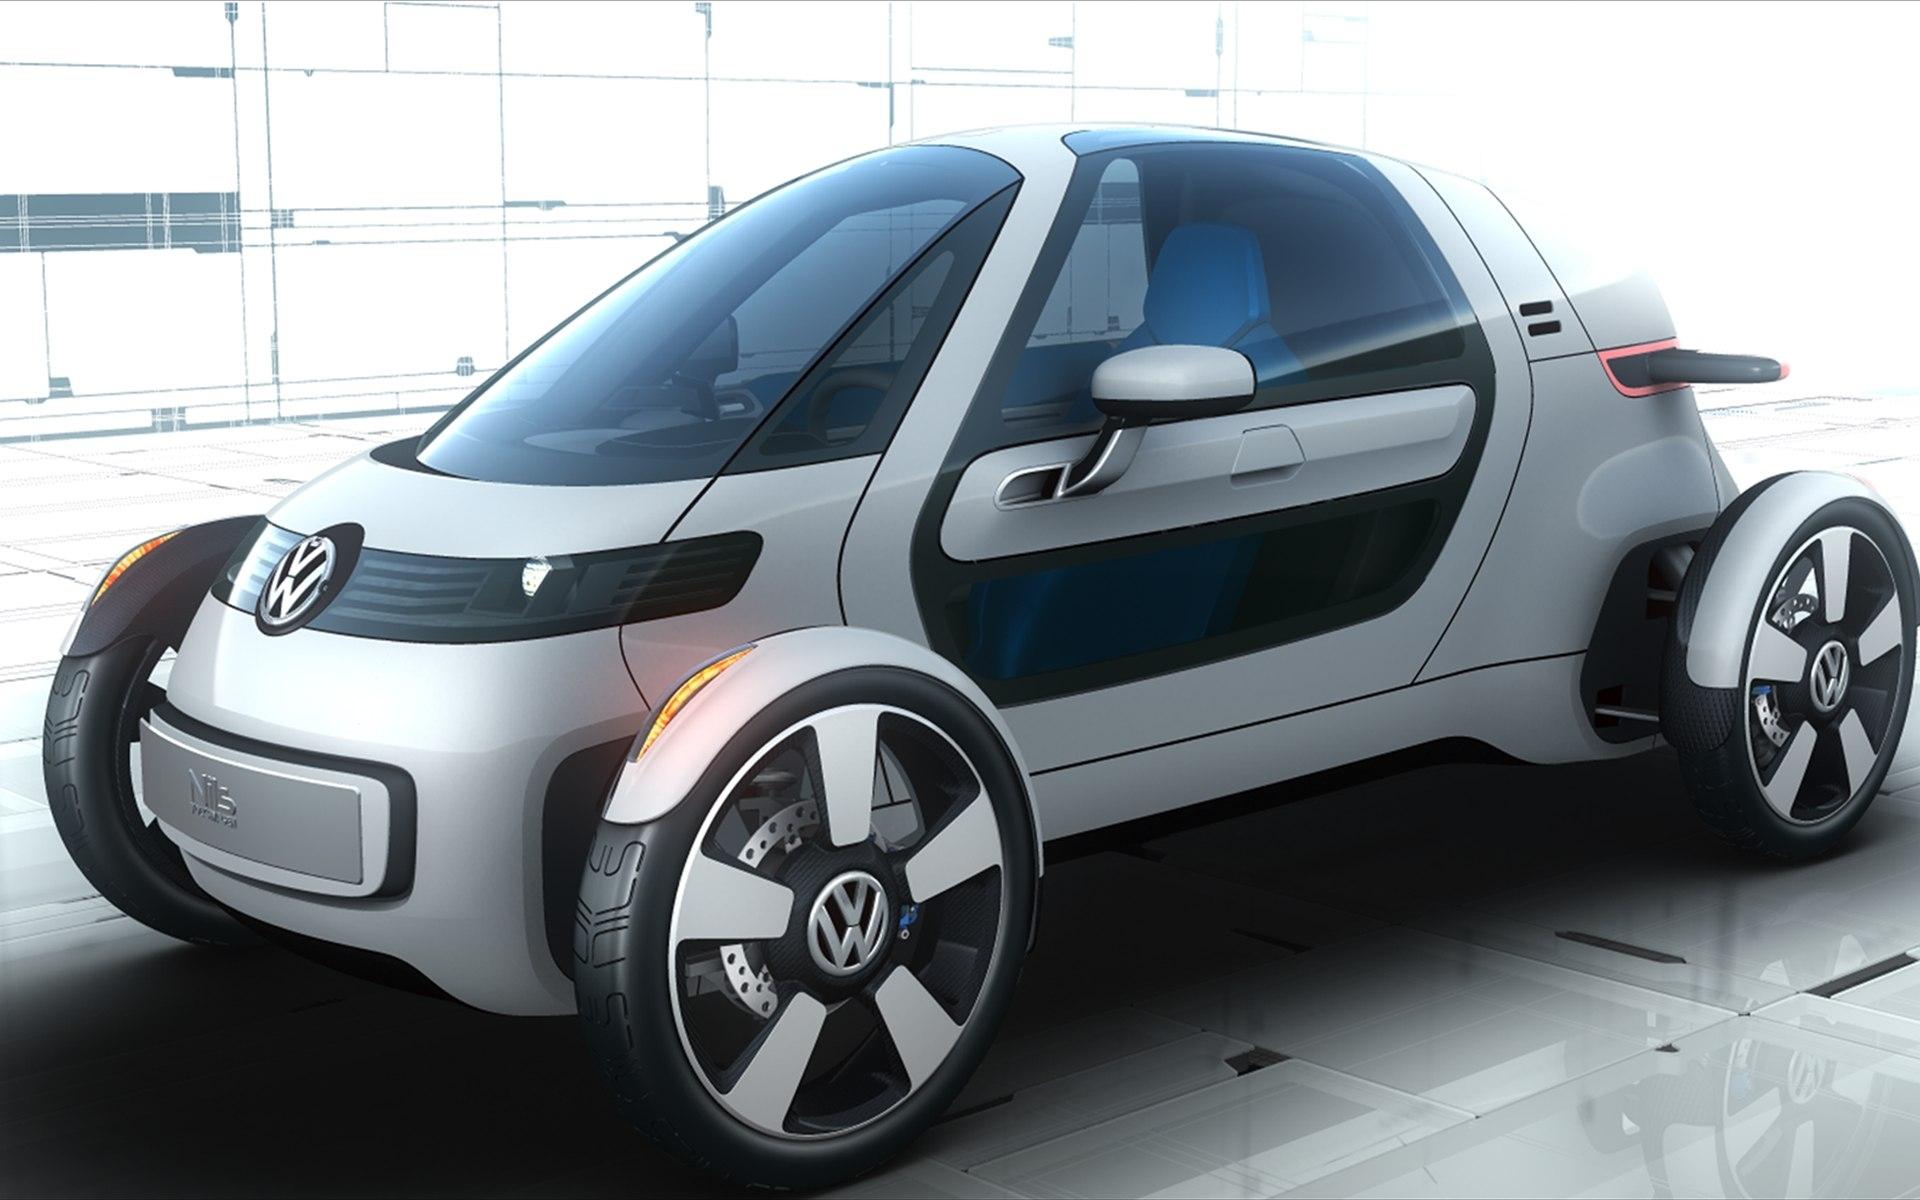 48174 скачать обои Транспорт, Машины, Фольксваген (Volkswagen) - заставки и картинки бесплатно